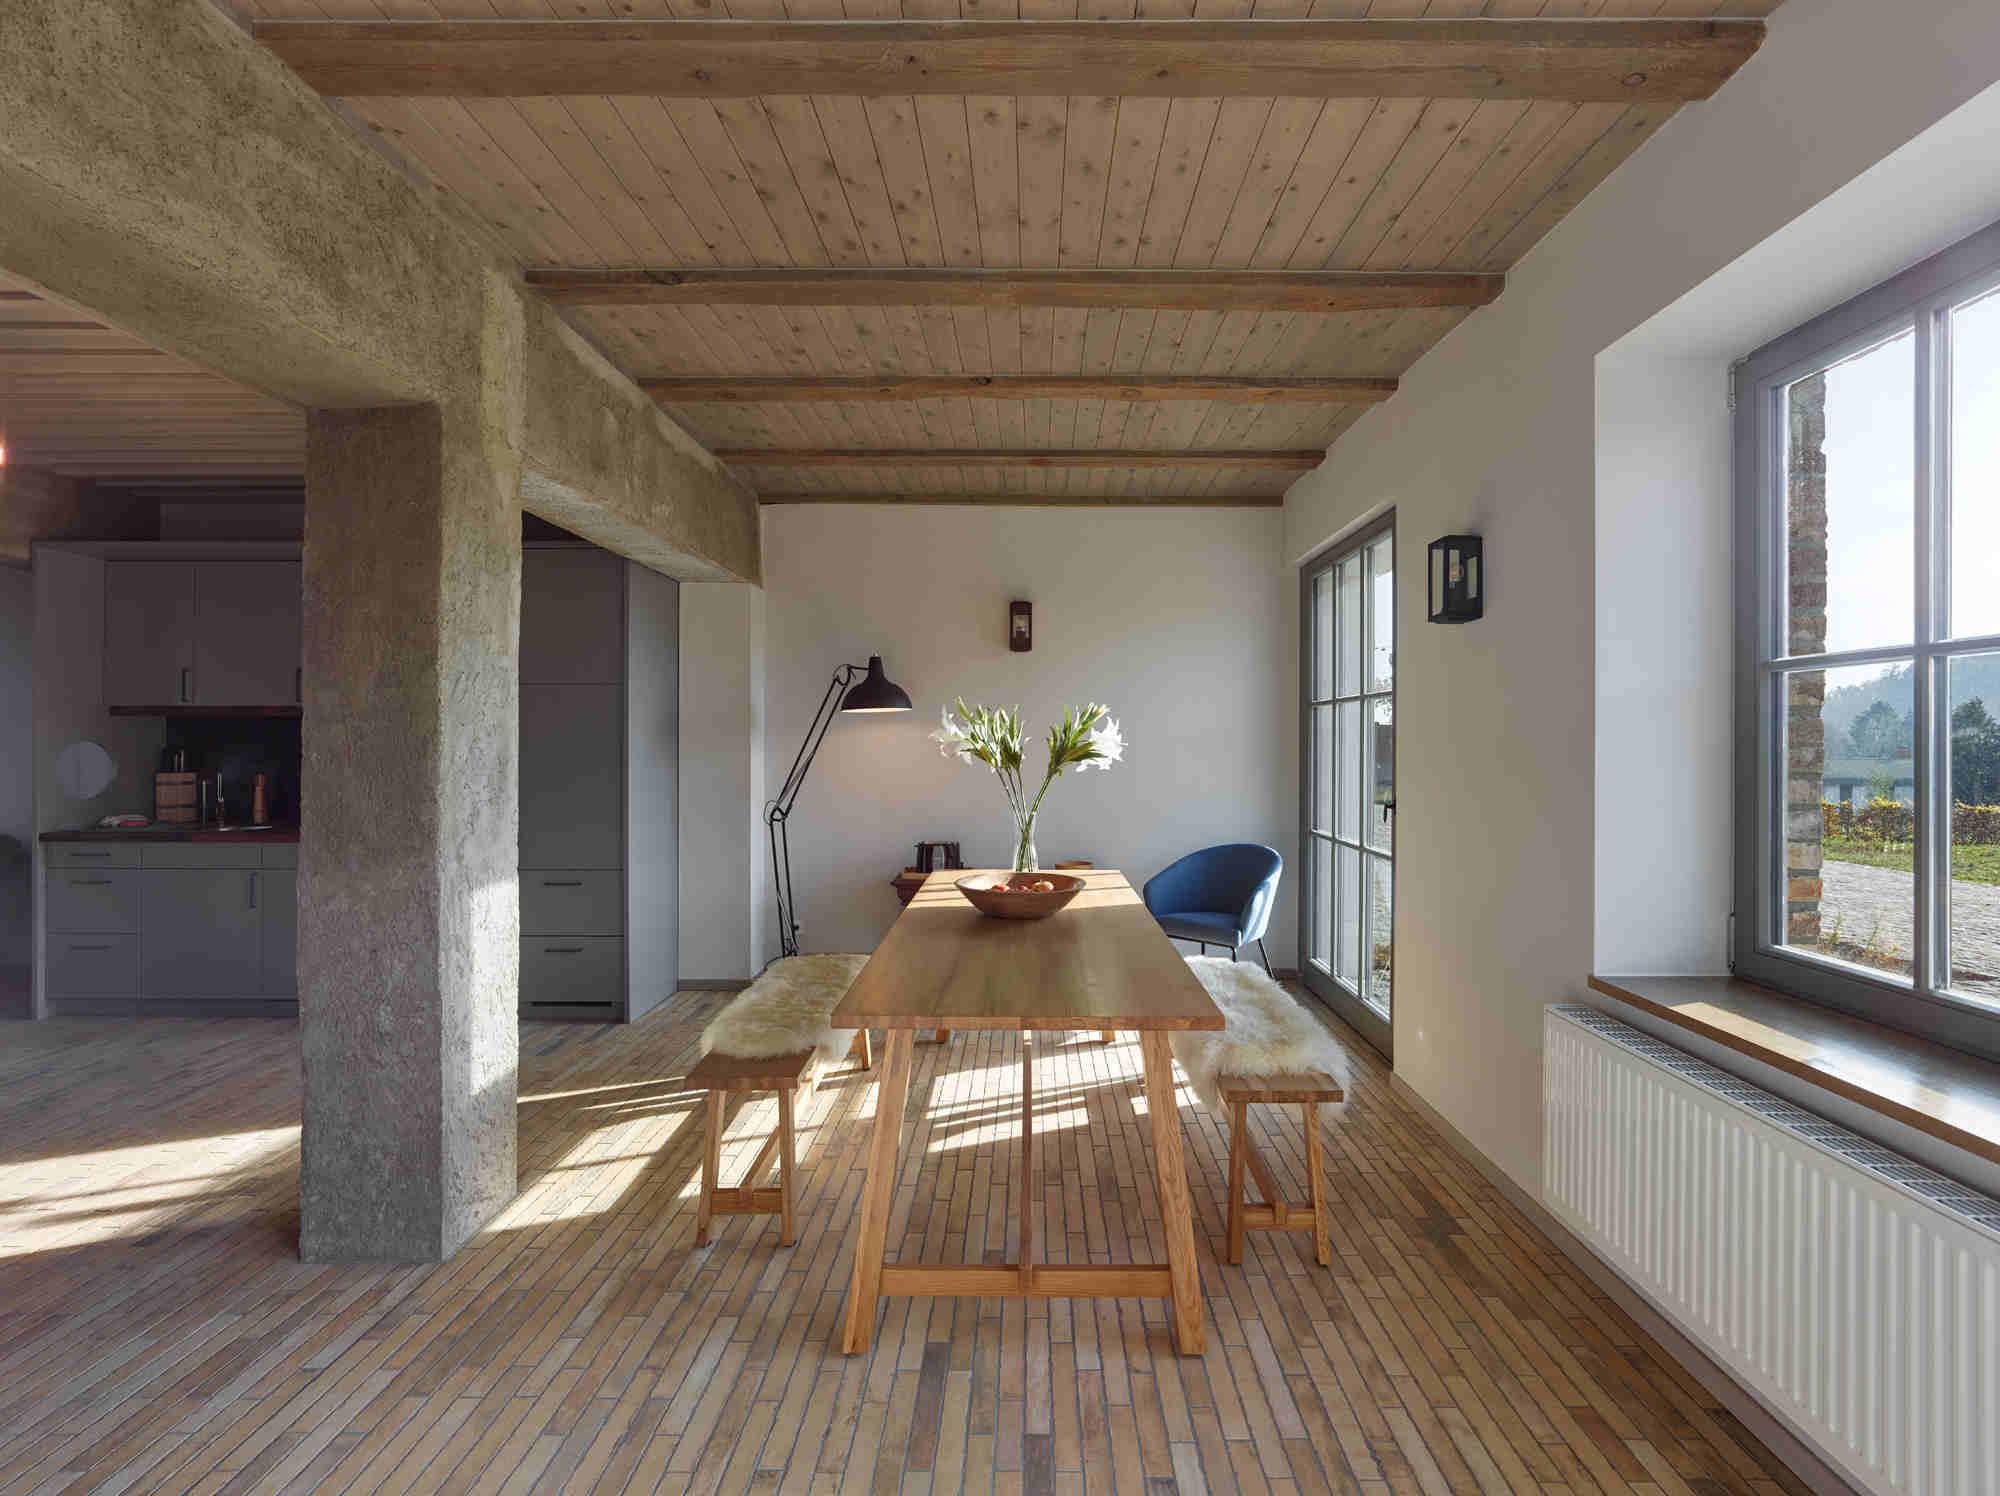 uckermark-Gutshof-Fredenwalde-ferienwohnung-luthereiche-essecke